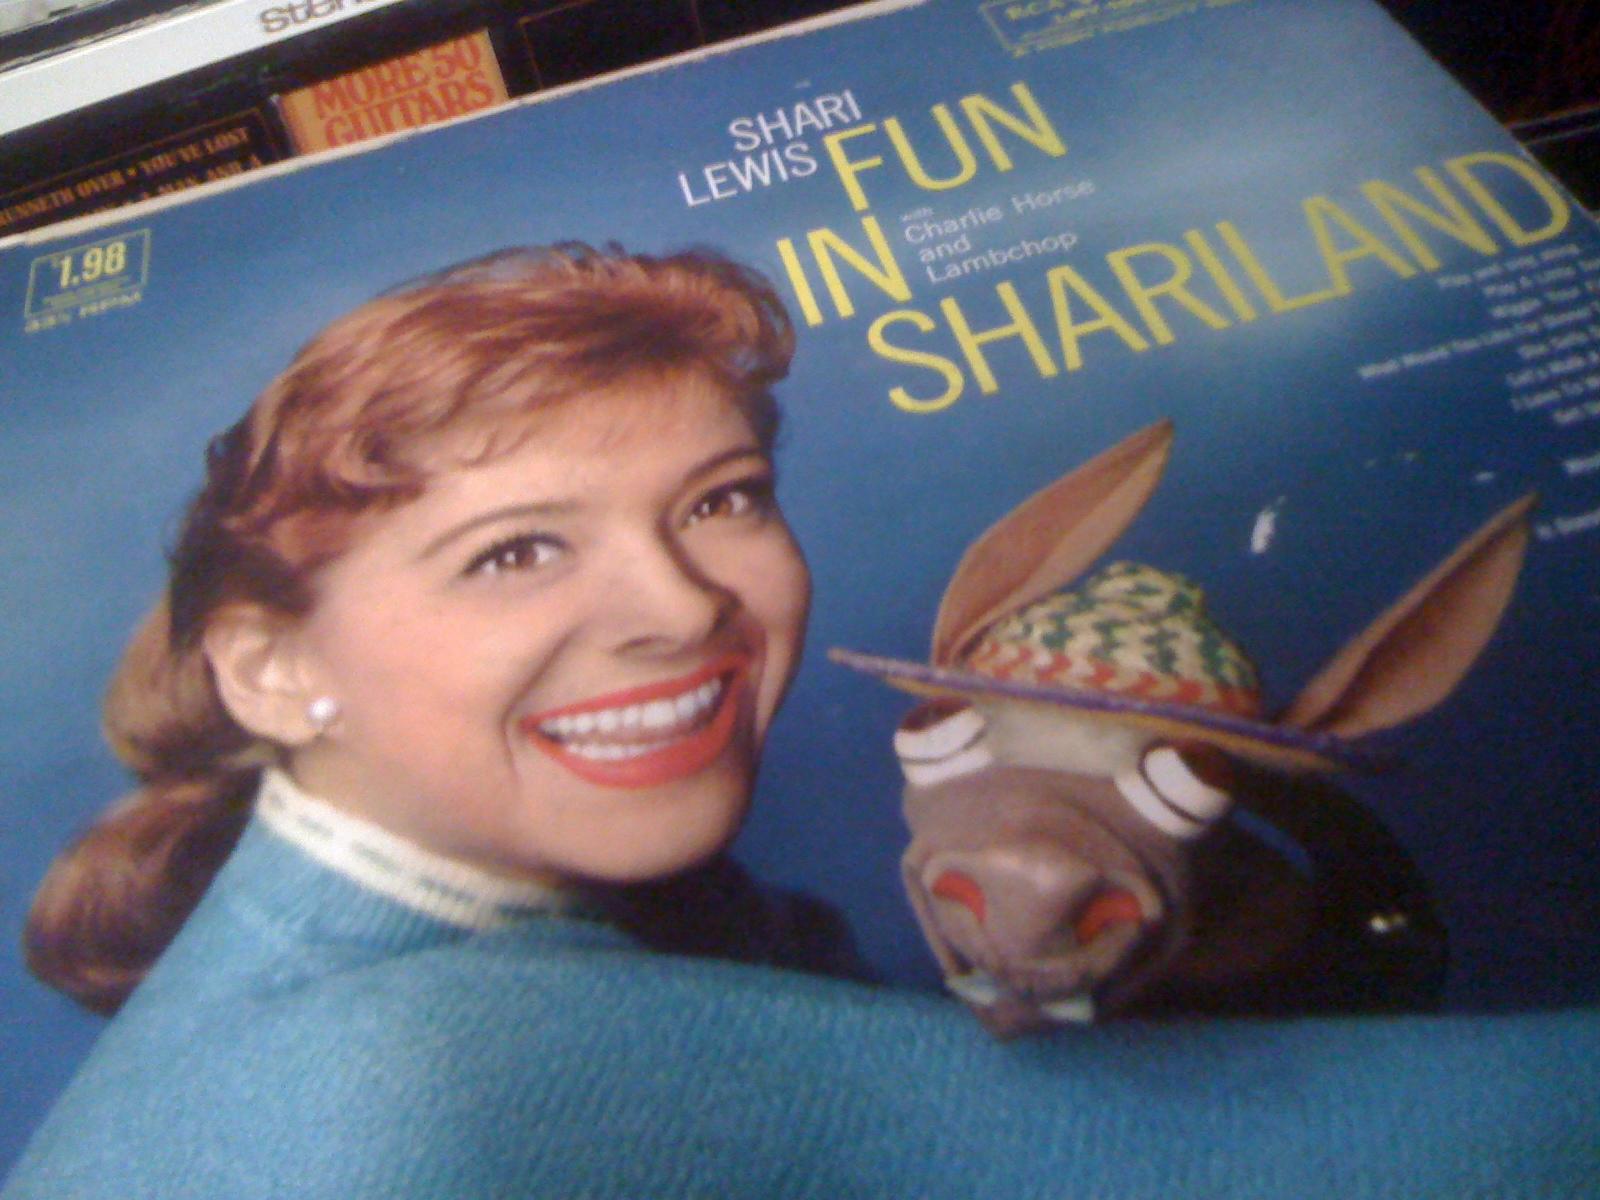 shari lewis vinyl LP